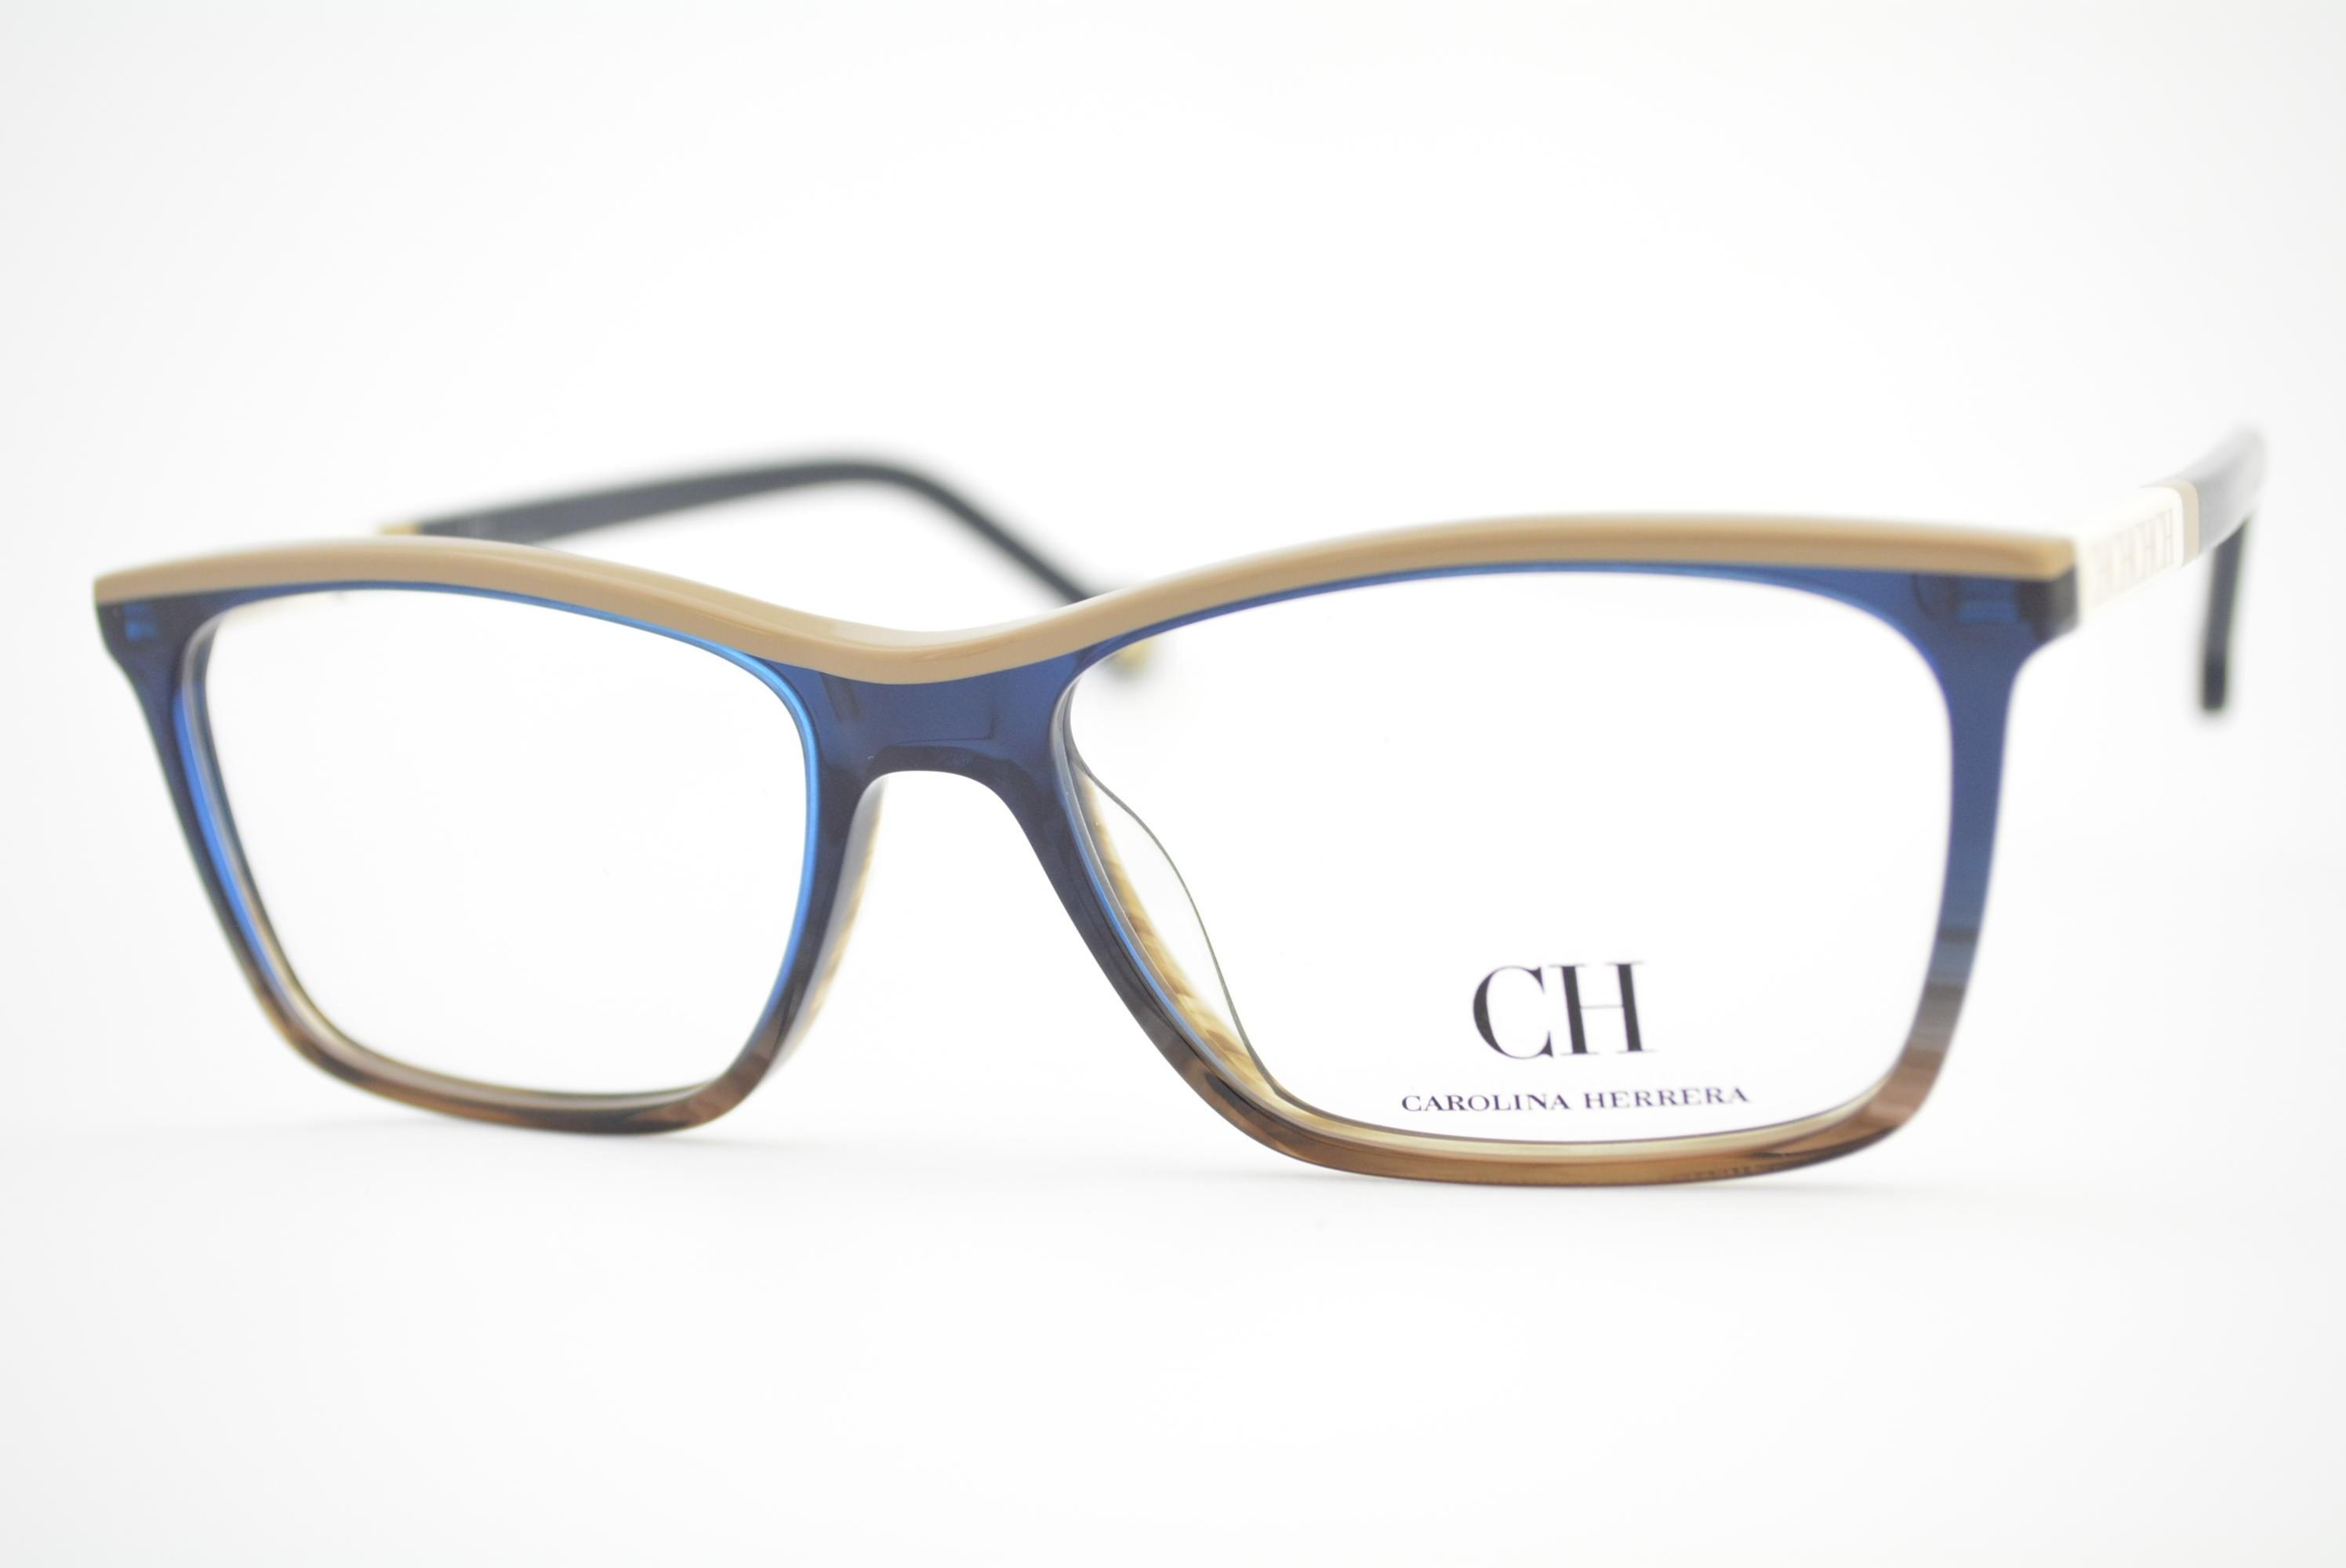 armação de óculos Carolina Herrera mod vhe586 col.0M61 Ótica Cardoso 5fef9ef86d